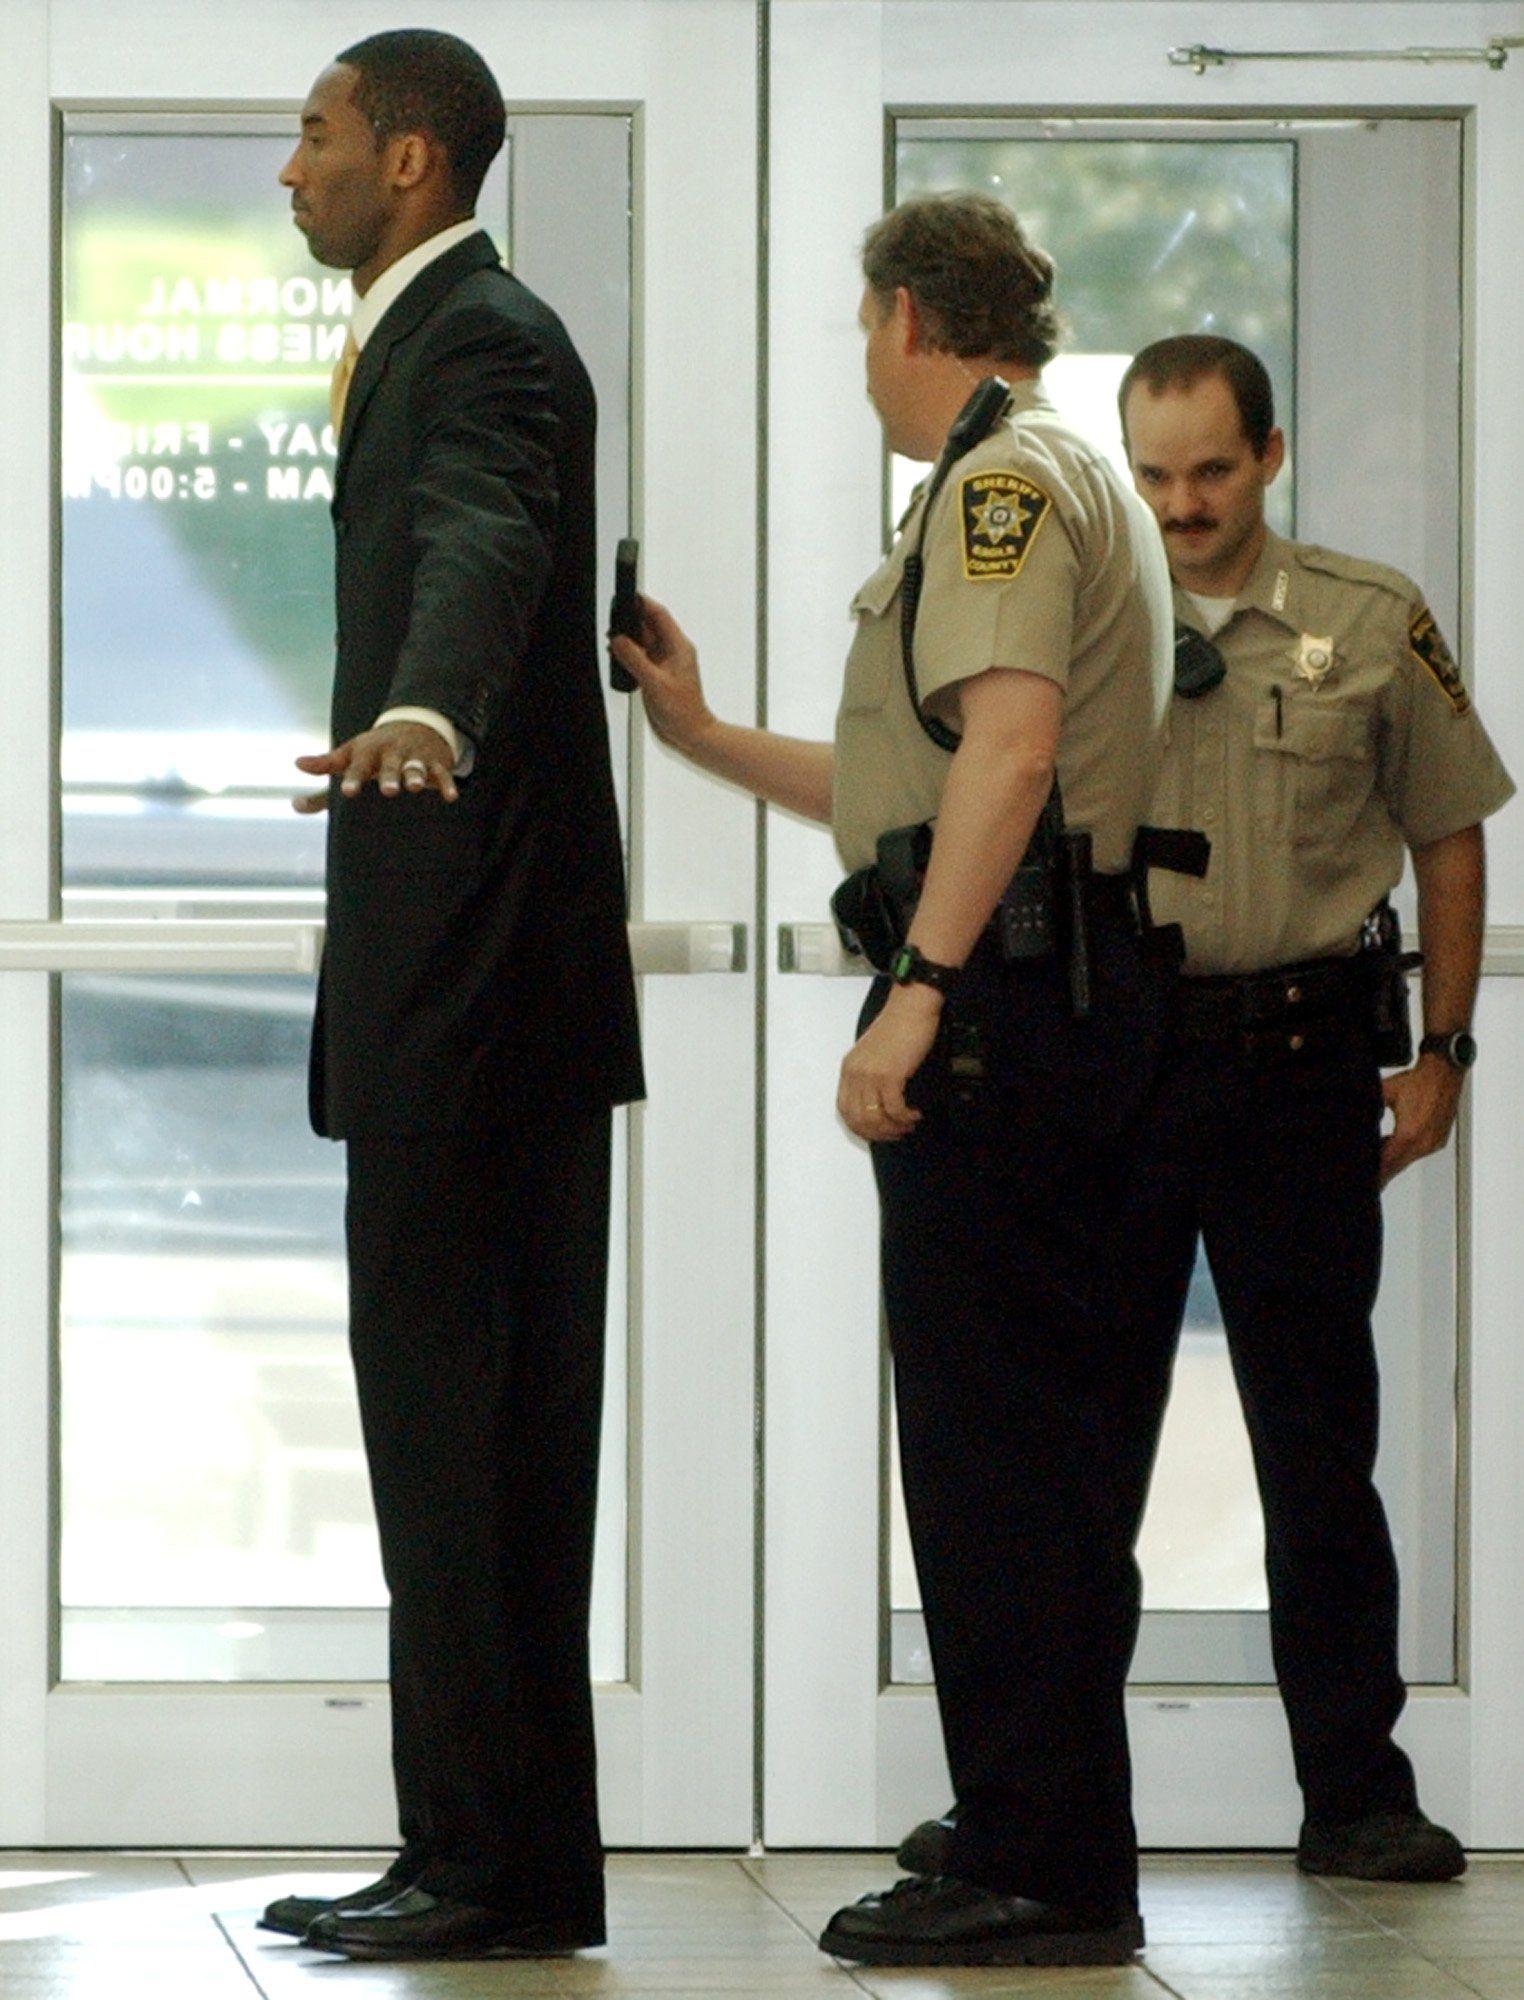 Kobe Bryant prechádza cez bezpečnostnú kontrolu 11. mája 2004 pri príchode do budovy súdu v meste Eagle, kde hviezda NBA čelí obvineniu zo znásilnenia mladej ženy.